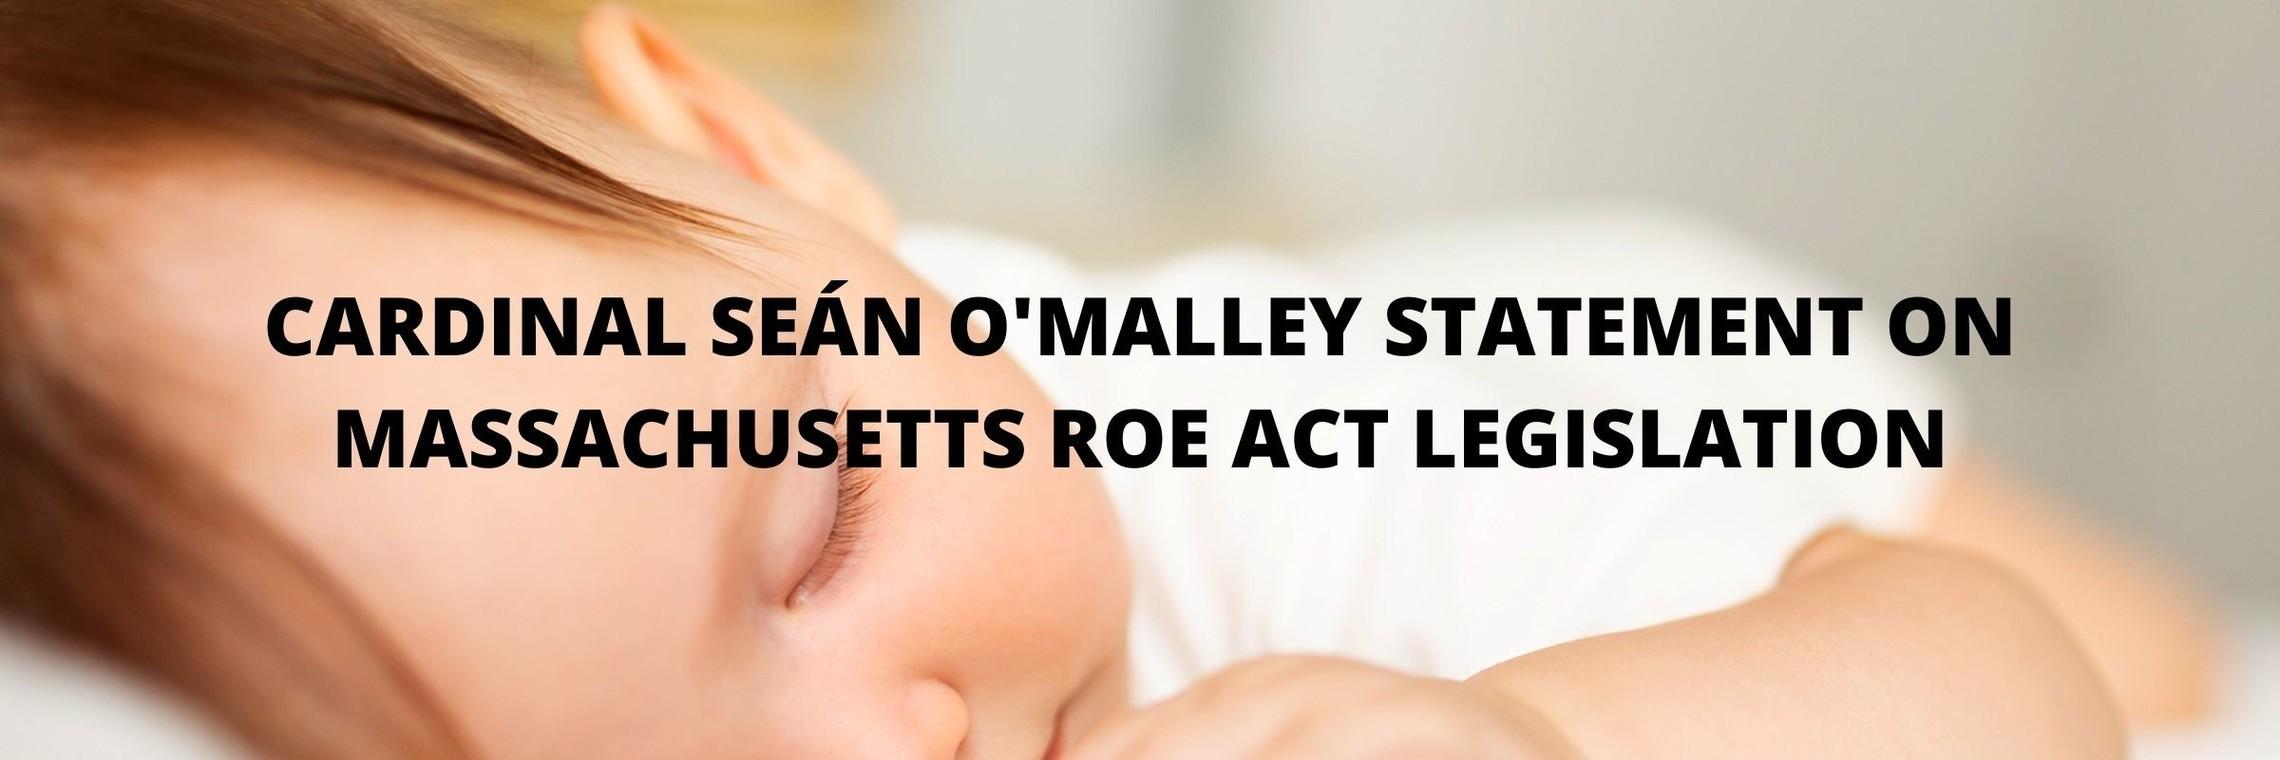 Cardinal Sean Omalley Statement On Massachusetts Roe Act Legislation